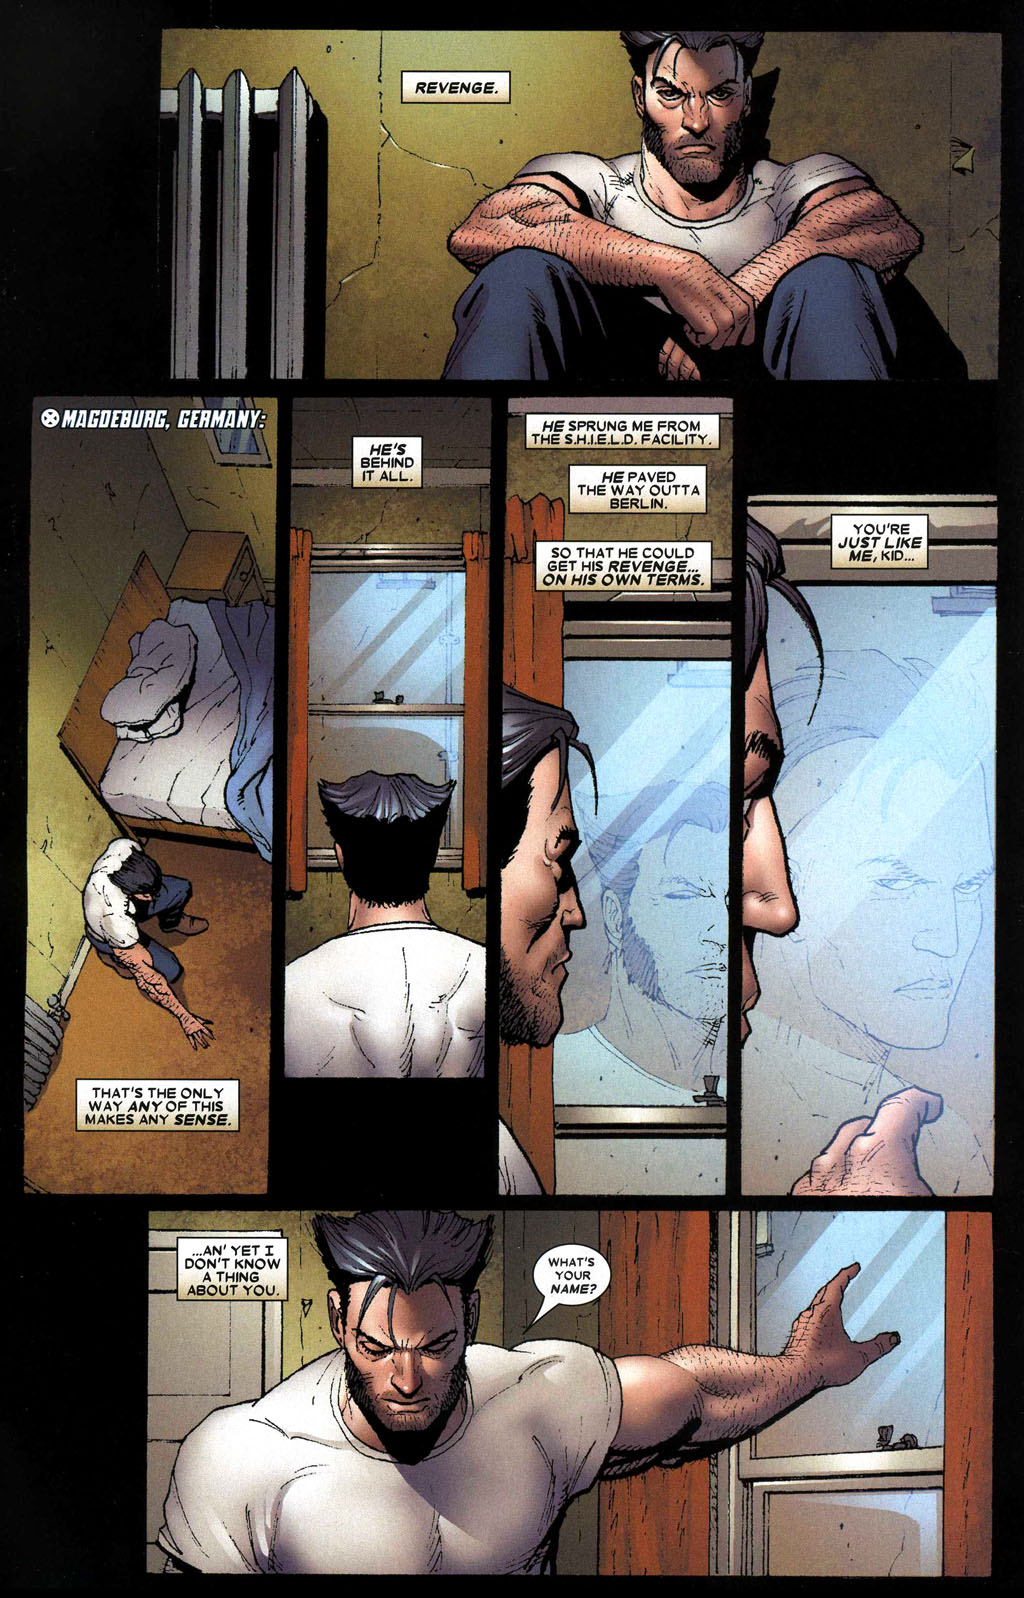 Read online Wolverine: Origins comic -  Issue #12 - 7